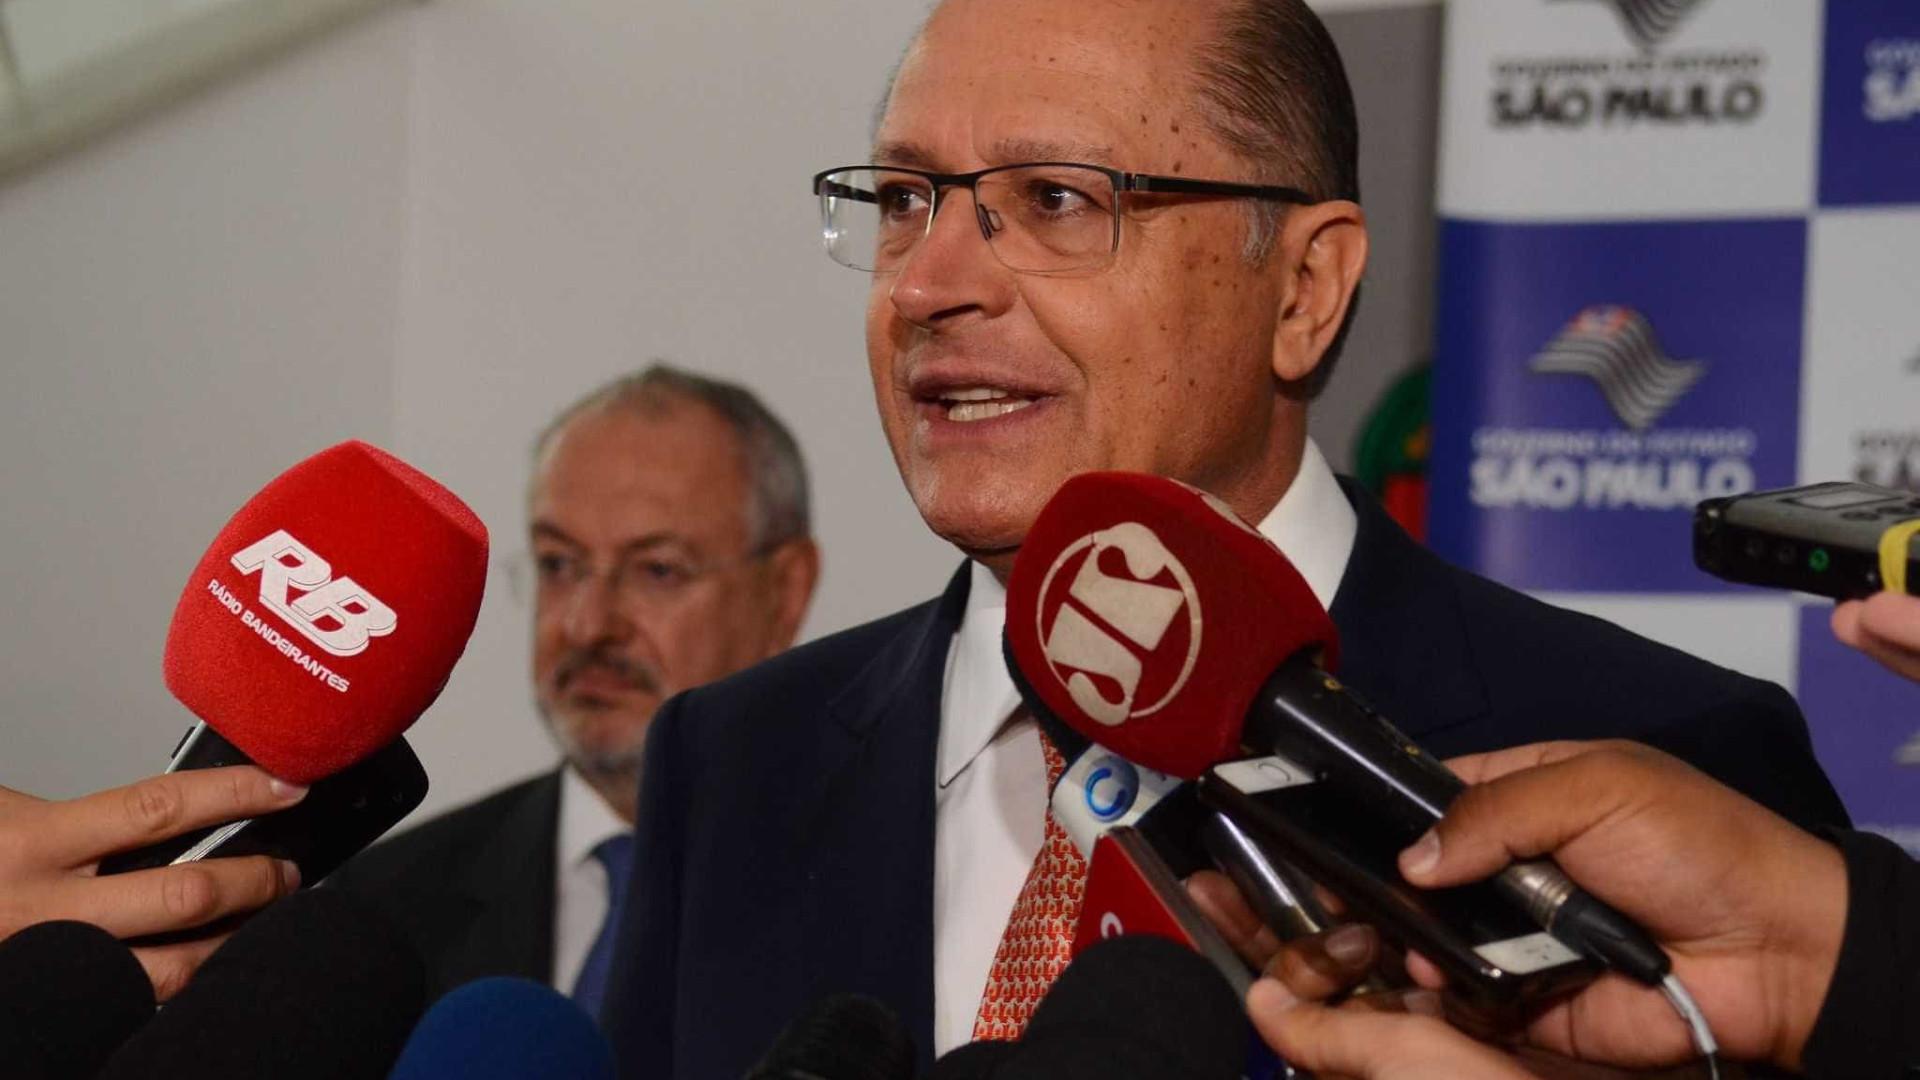 Governistas já trabalham com candidatura Alckmin